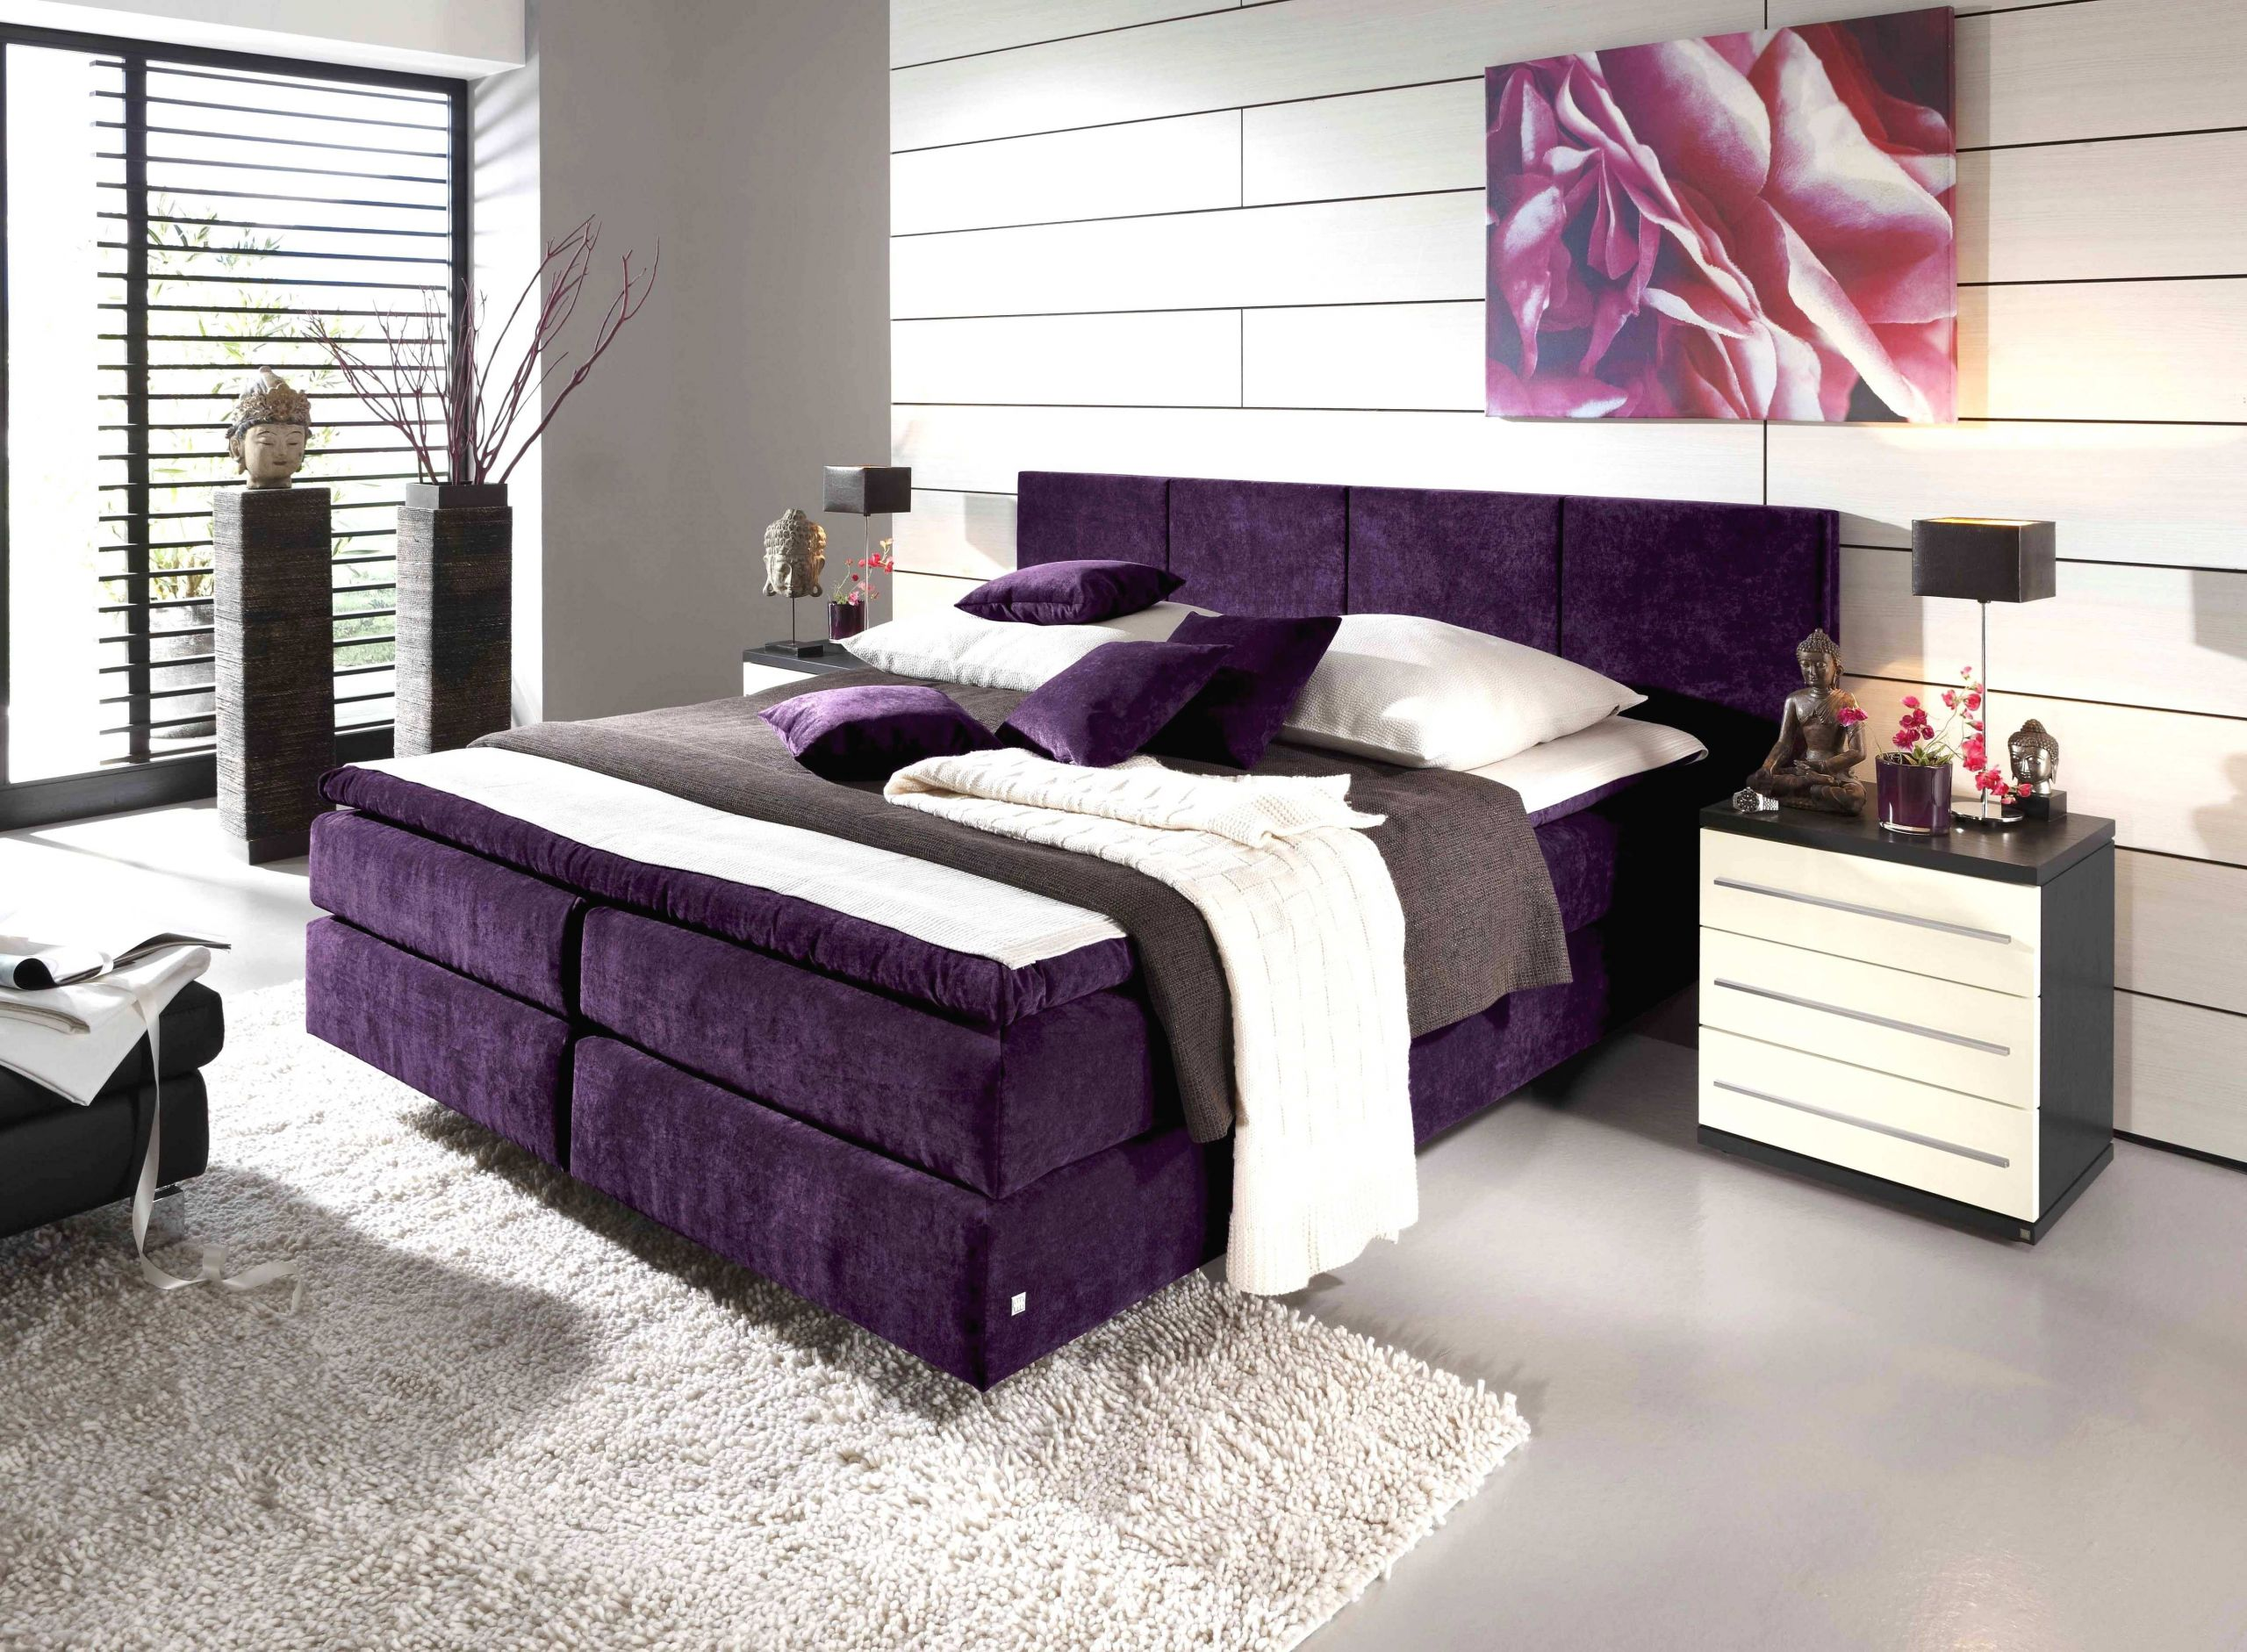 deko wohnzimmer fensterbank durchgehend schockierend deko wohnzimmer design von deko gunstig kaufen of deko gunstig kaufen